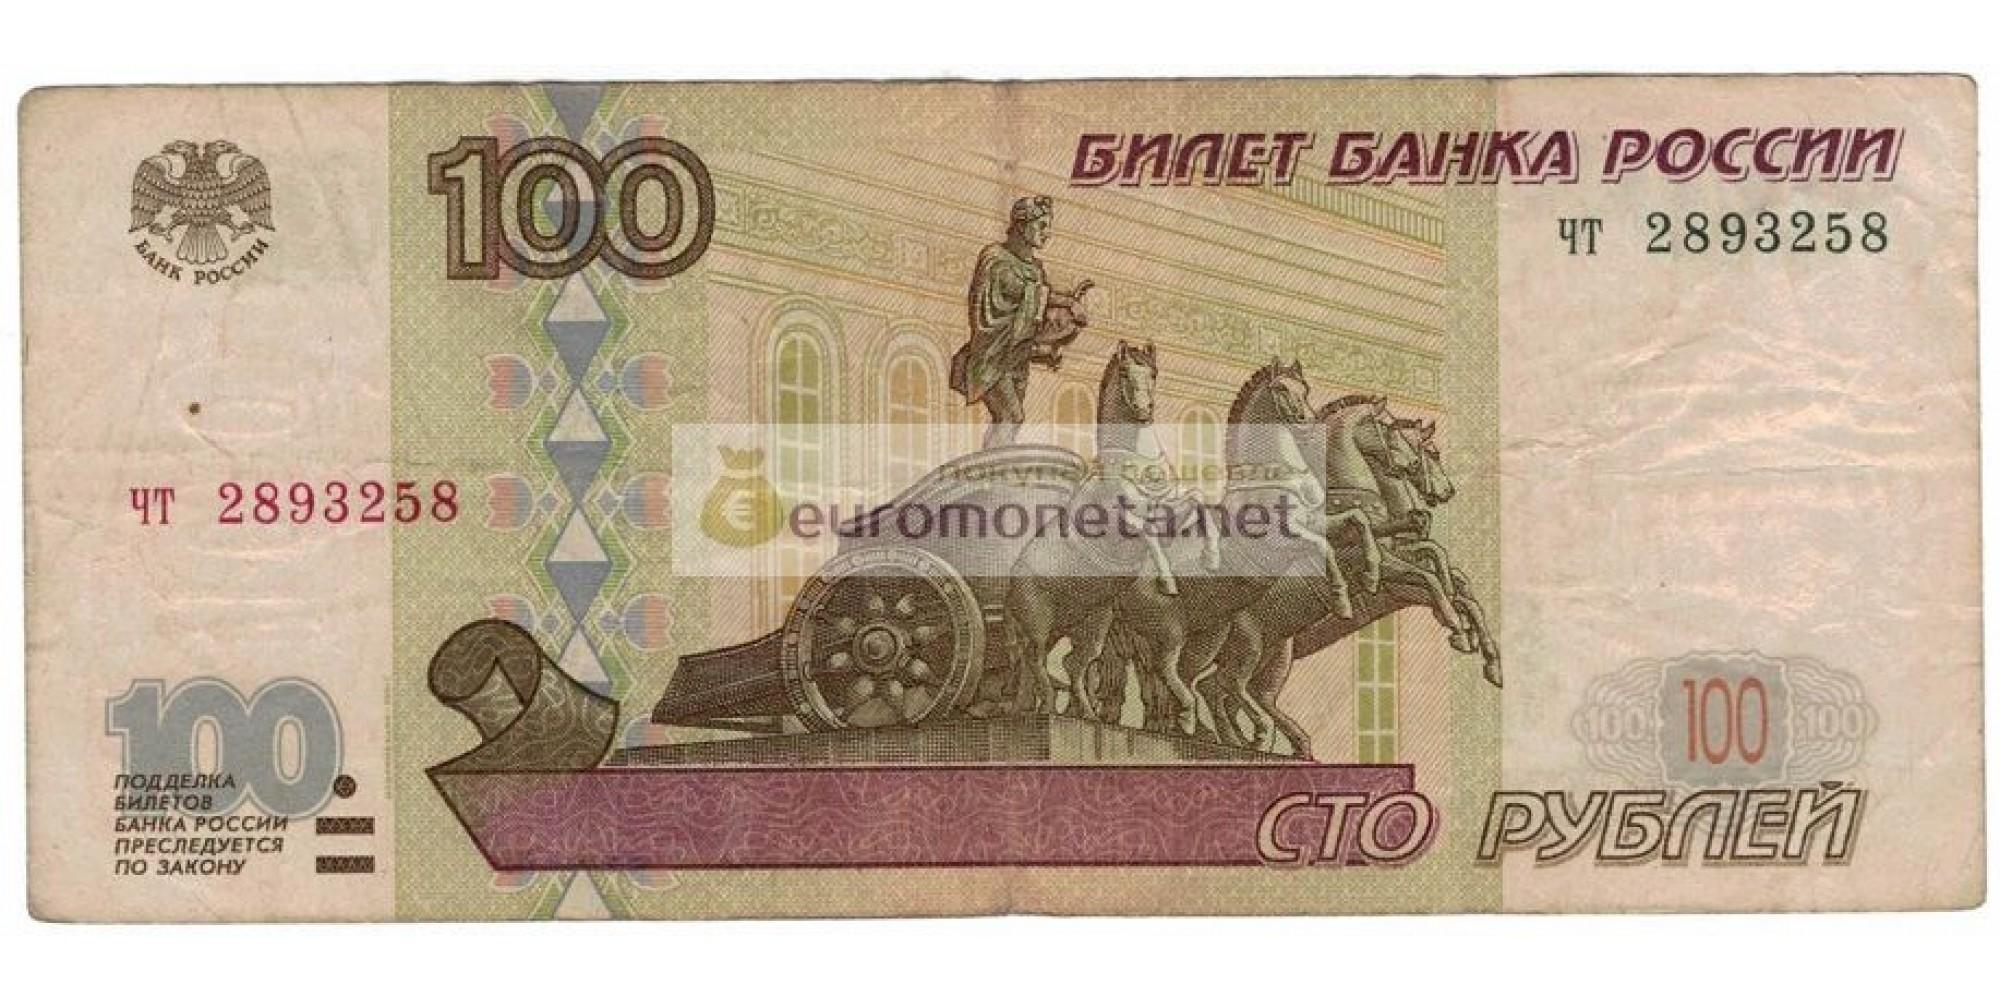 Россия 100 рублей 1997 год модификация 2001 год серия чт 2893258